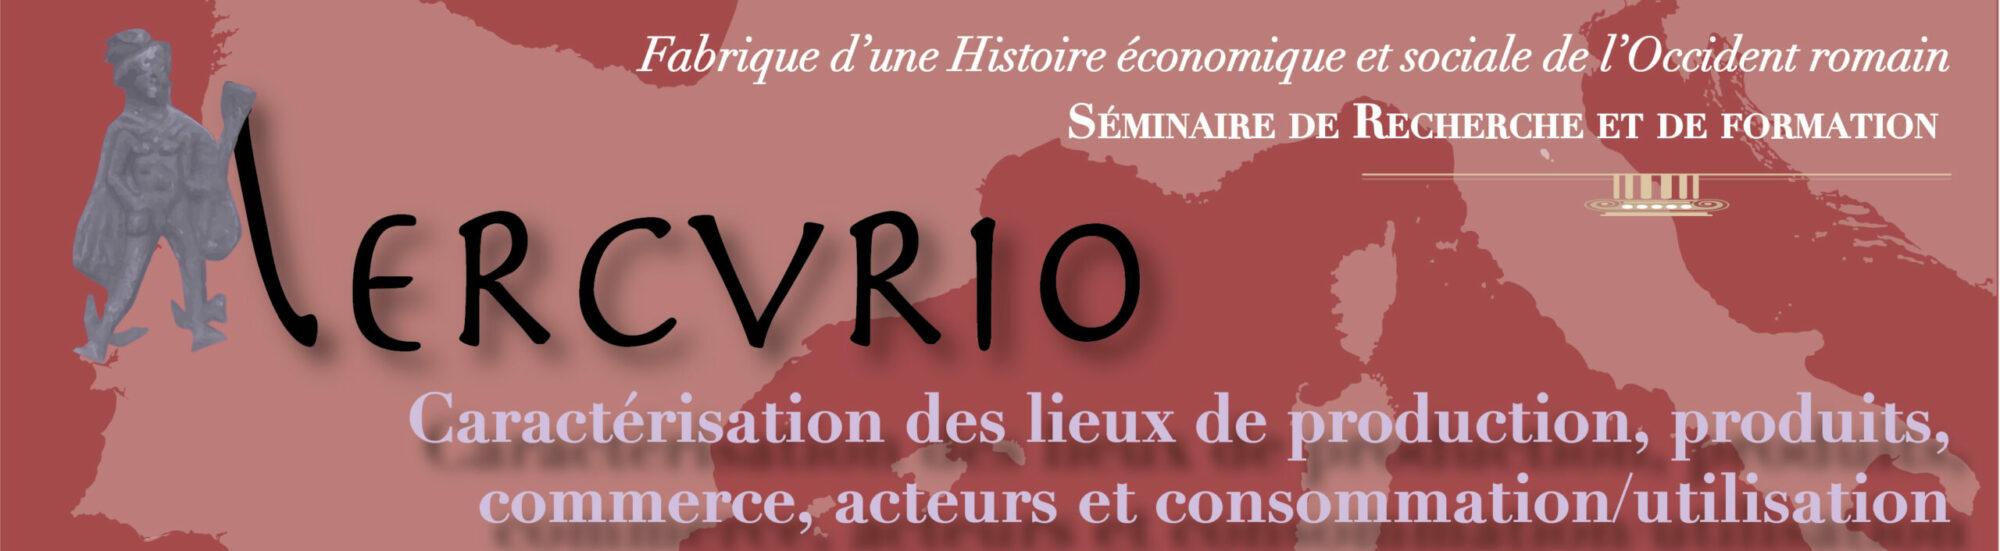 MERCVRIO Séminaires de Recherche en Archéologie